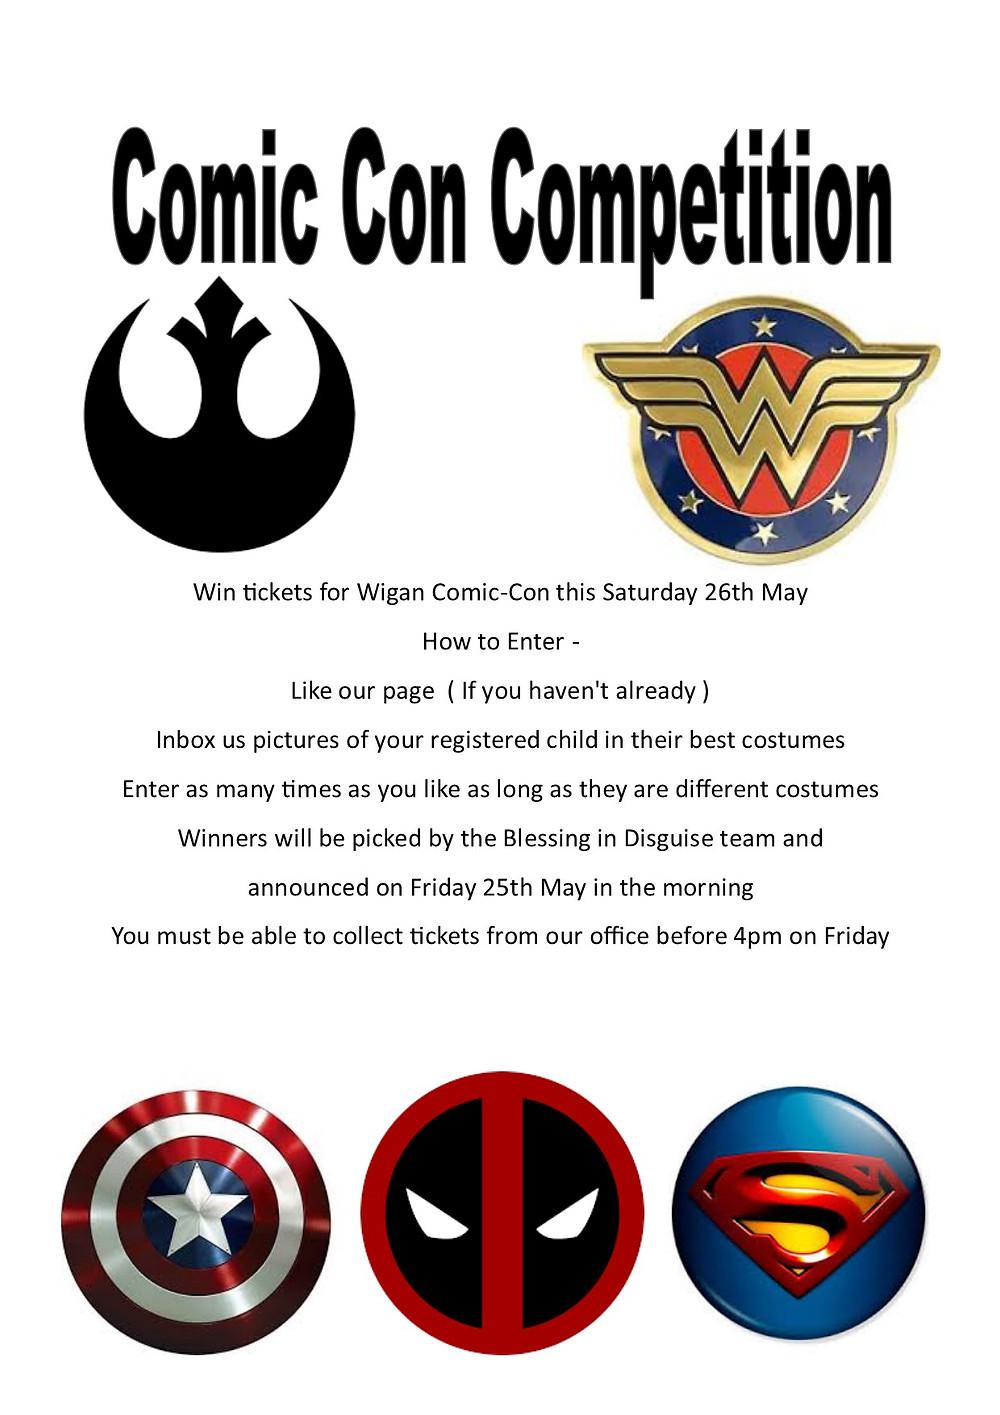 Comic Con Competition Wigan Comic-Con